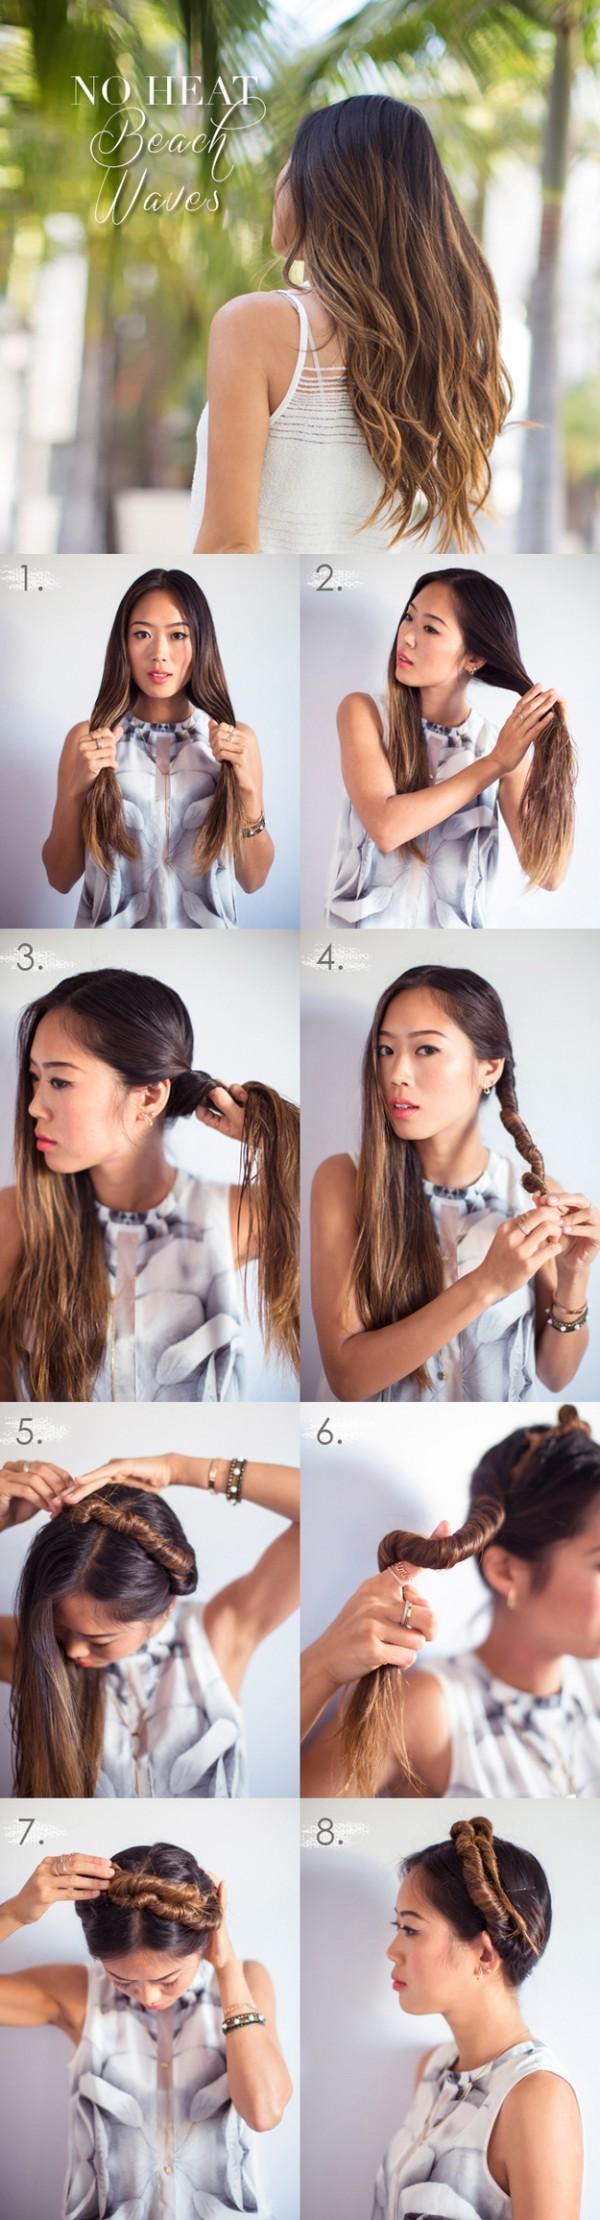 beach hairstyle6